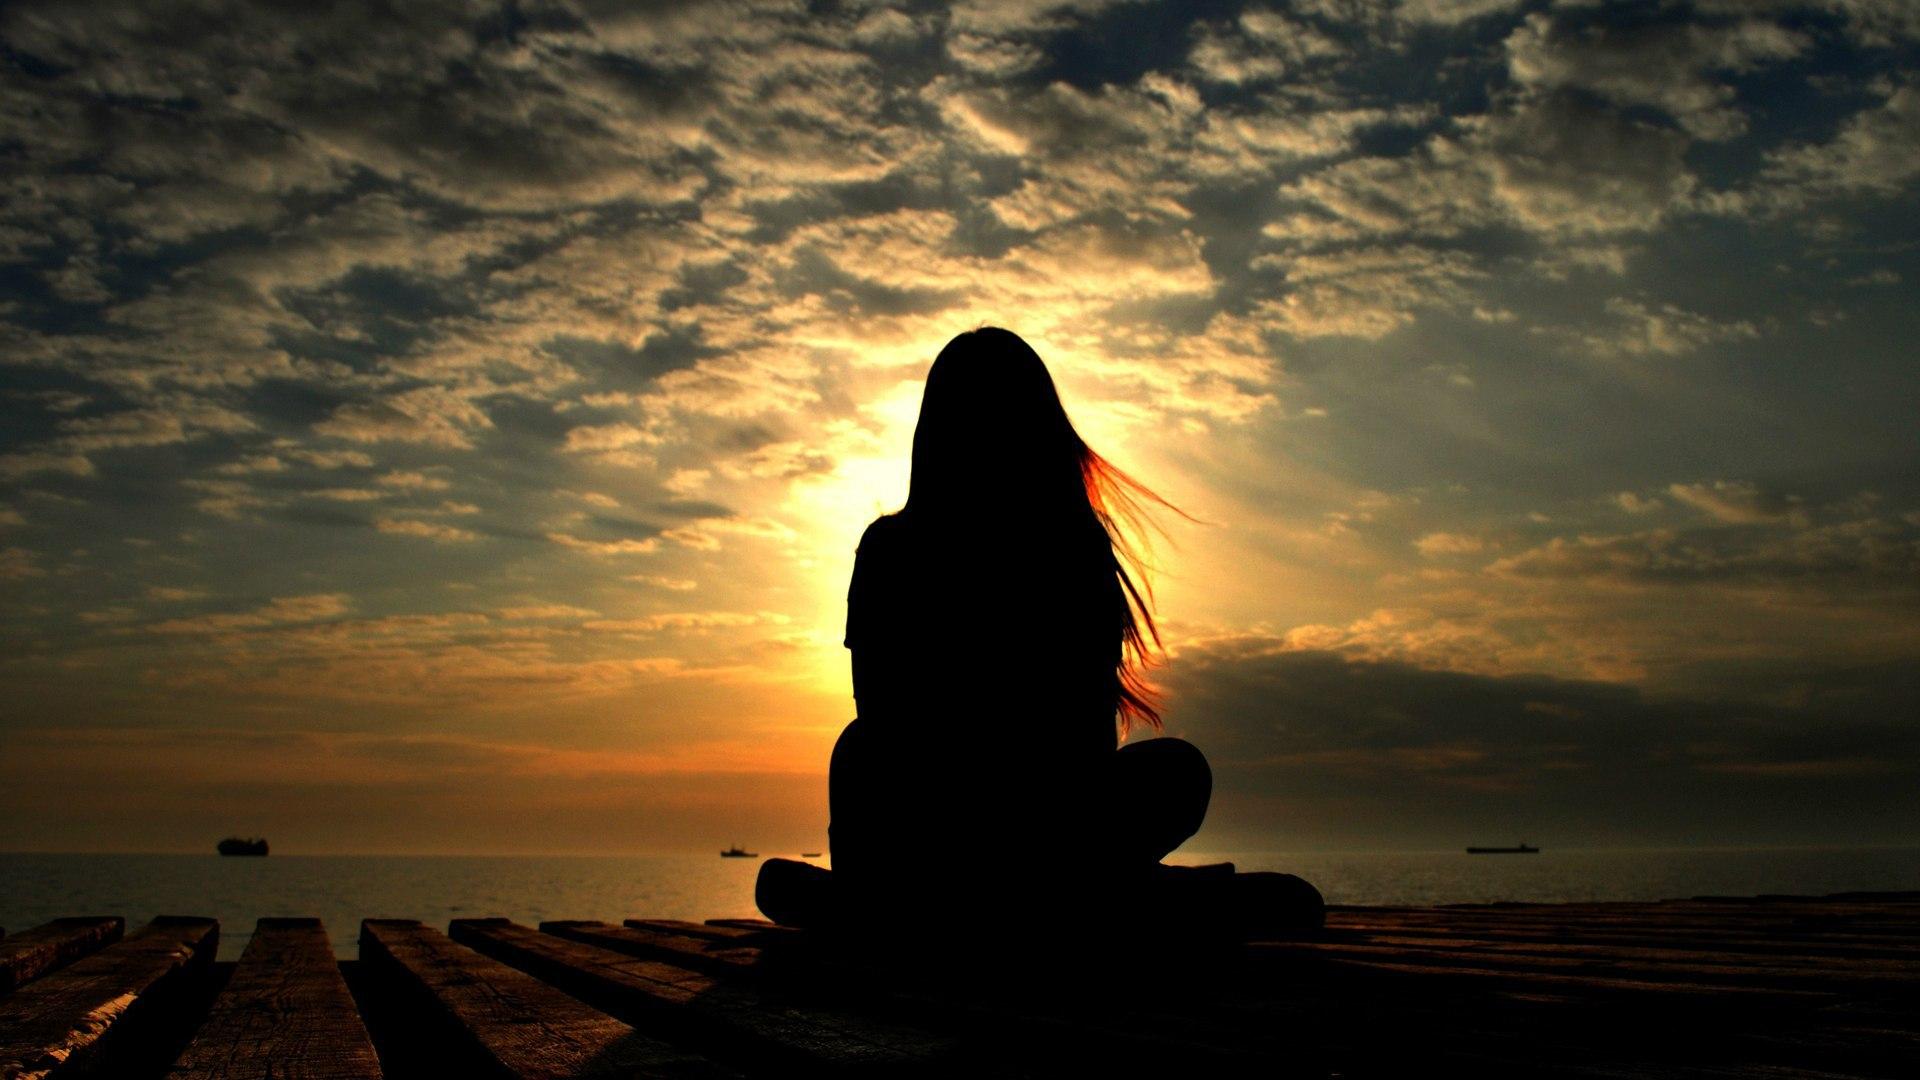 http://www.zastavki.com/pictures/originals/2015/Girls_Girl_silhouette_against_the_sunset_094841_.jpg